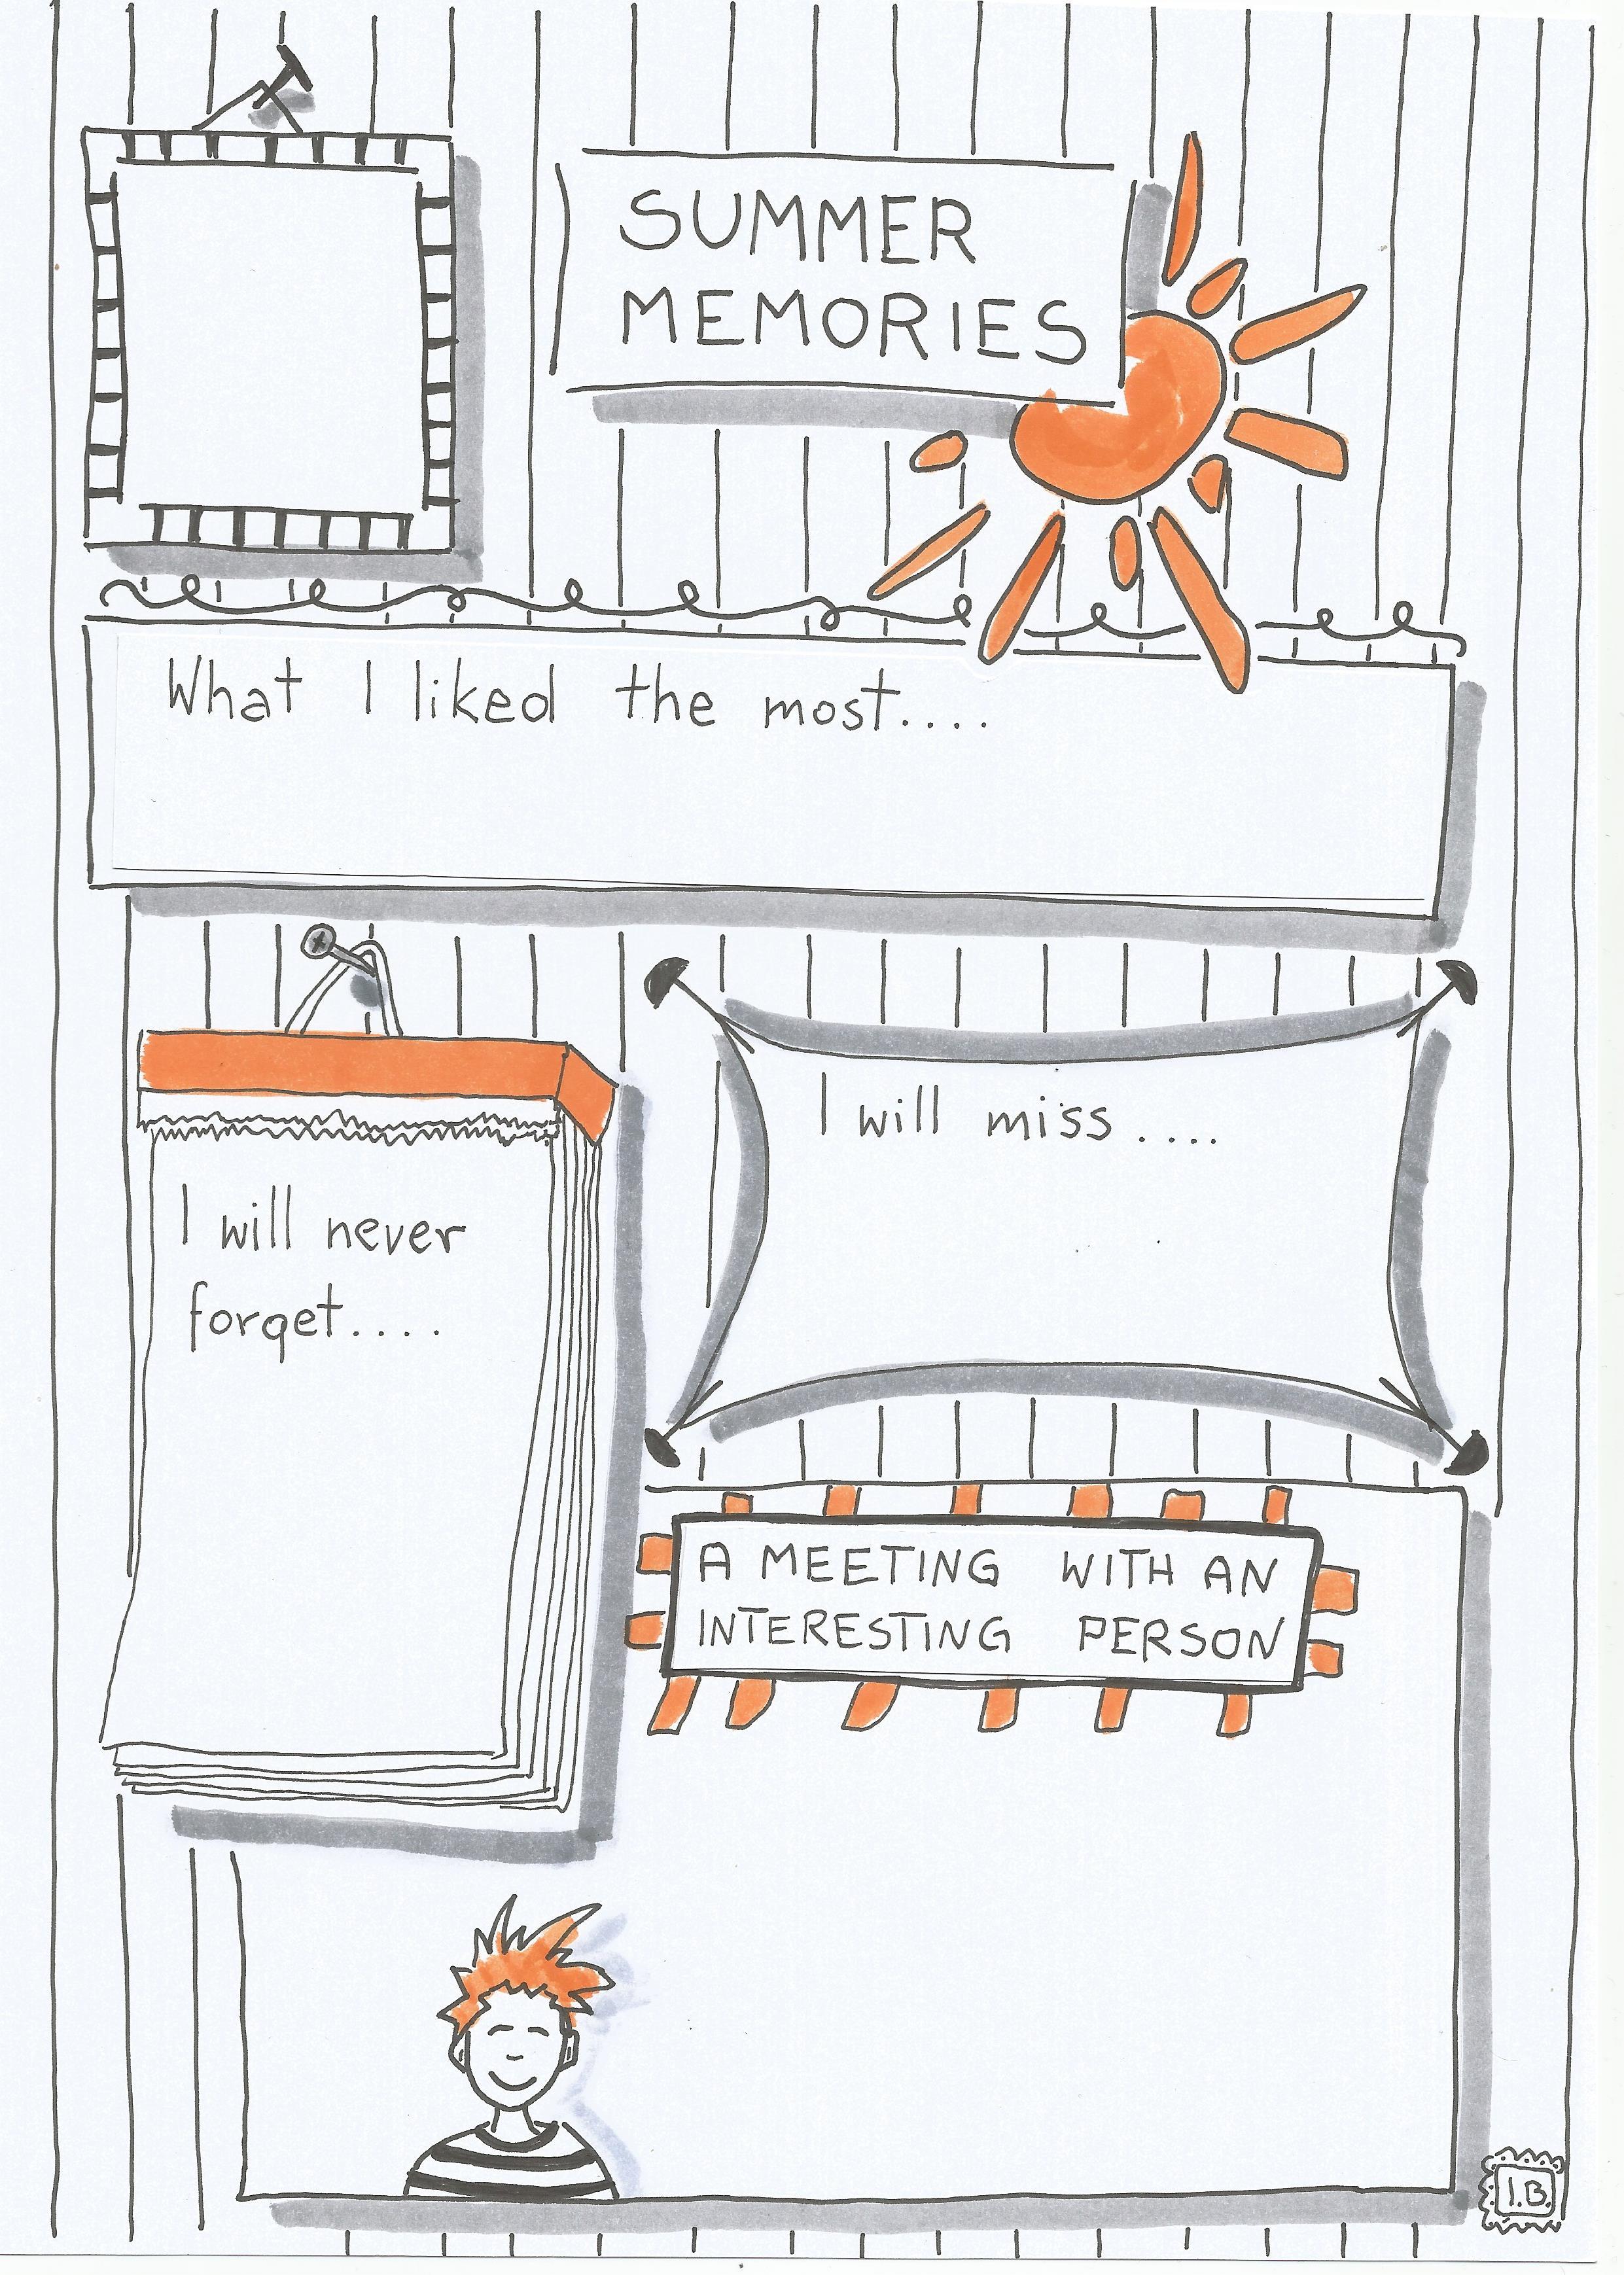 wspomnienia z wakacji po angielsku